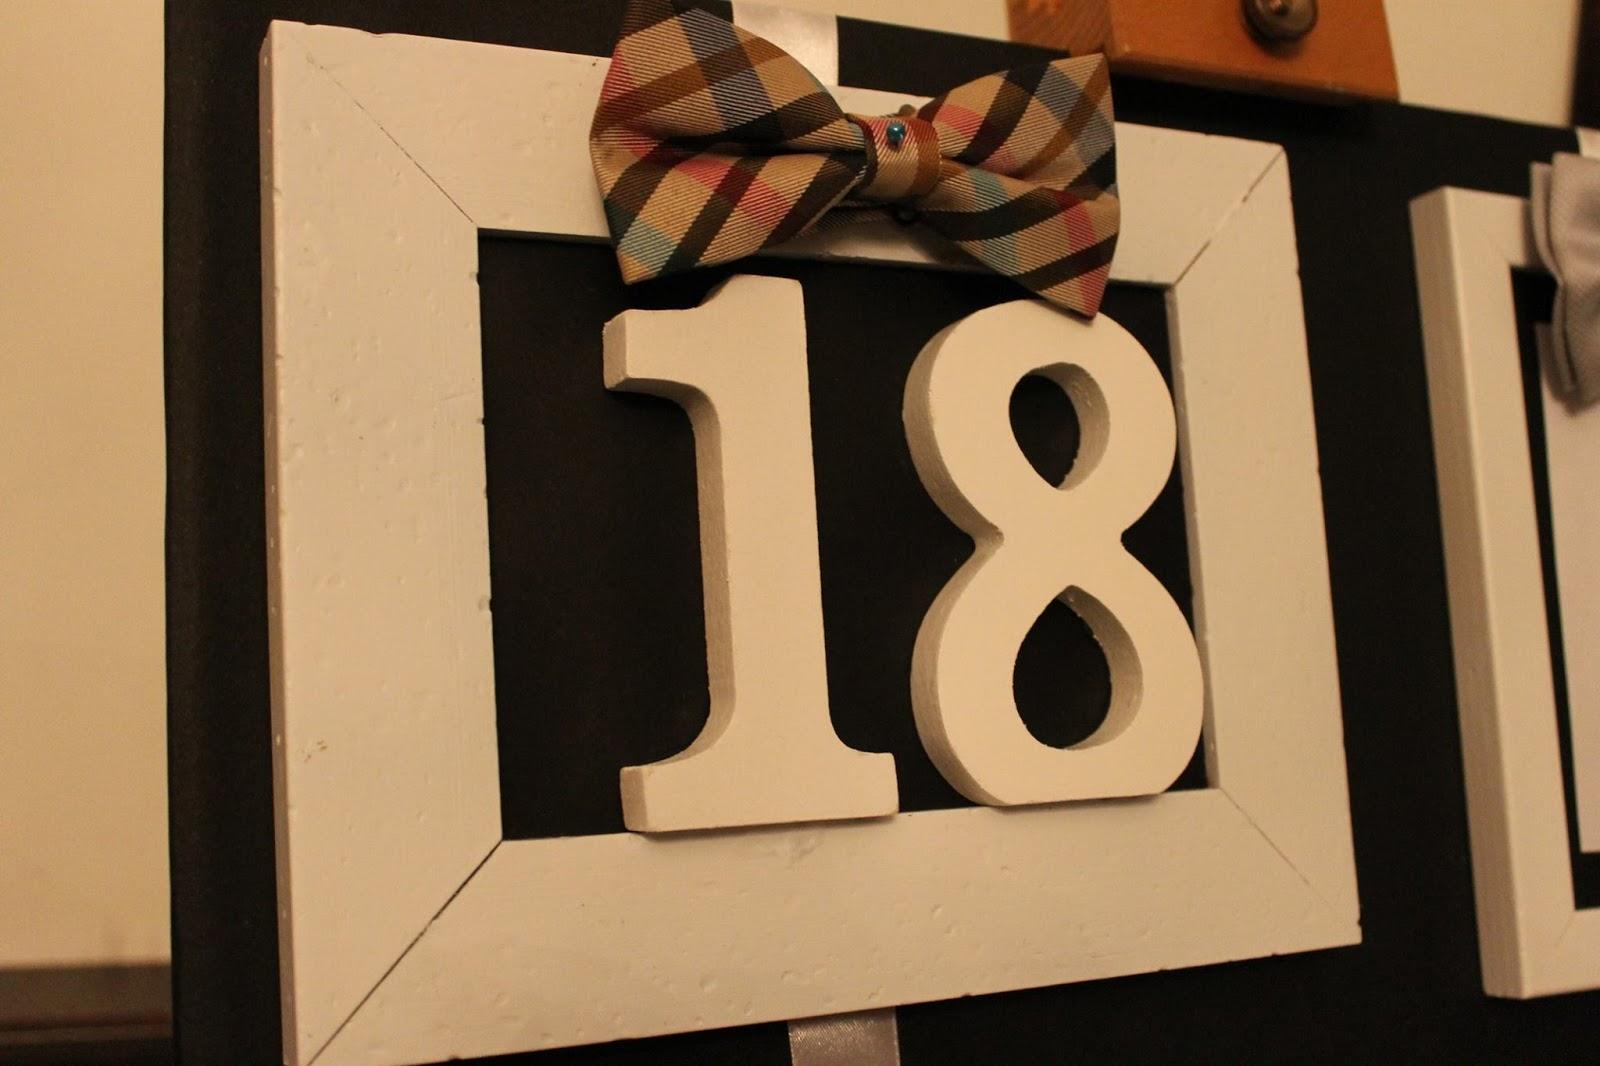 Famoso Tra sogni e realtà shabby chic: 18 anni Raffaele JP57